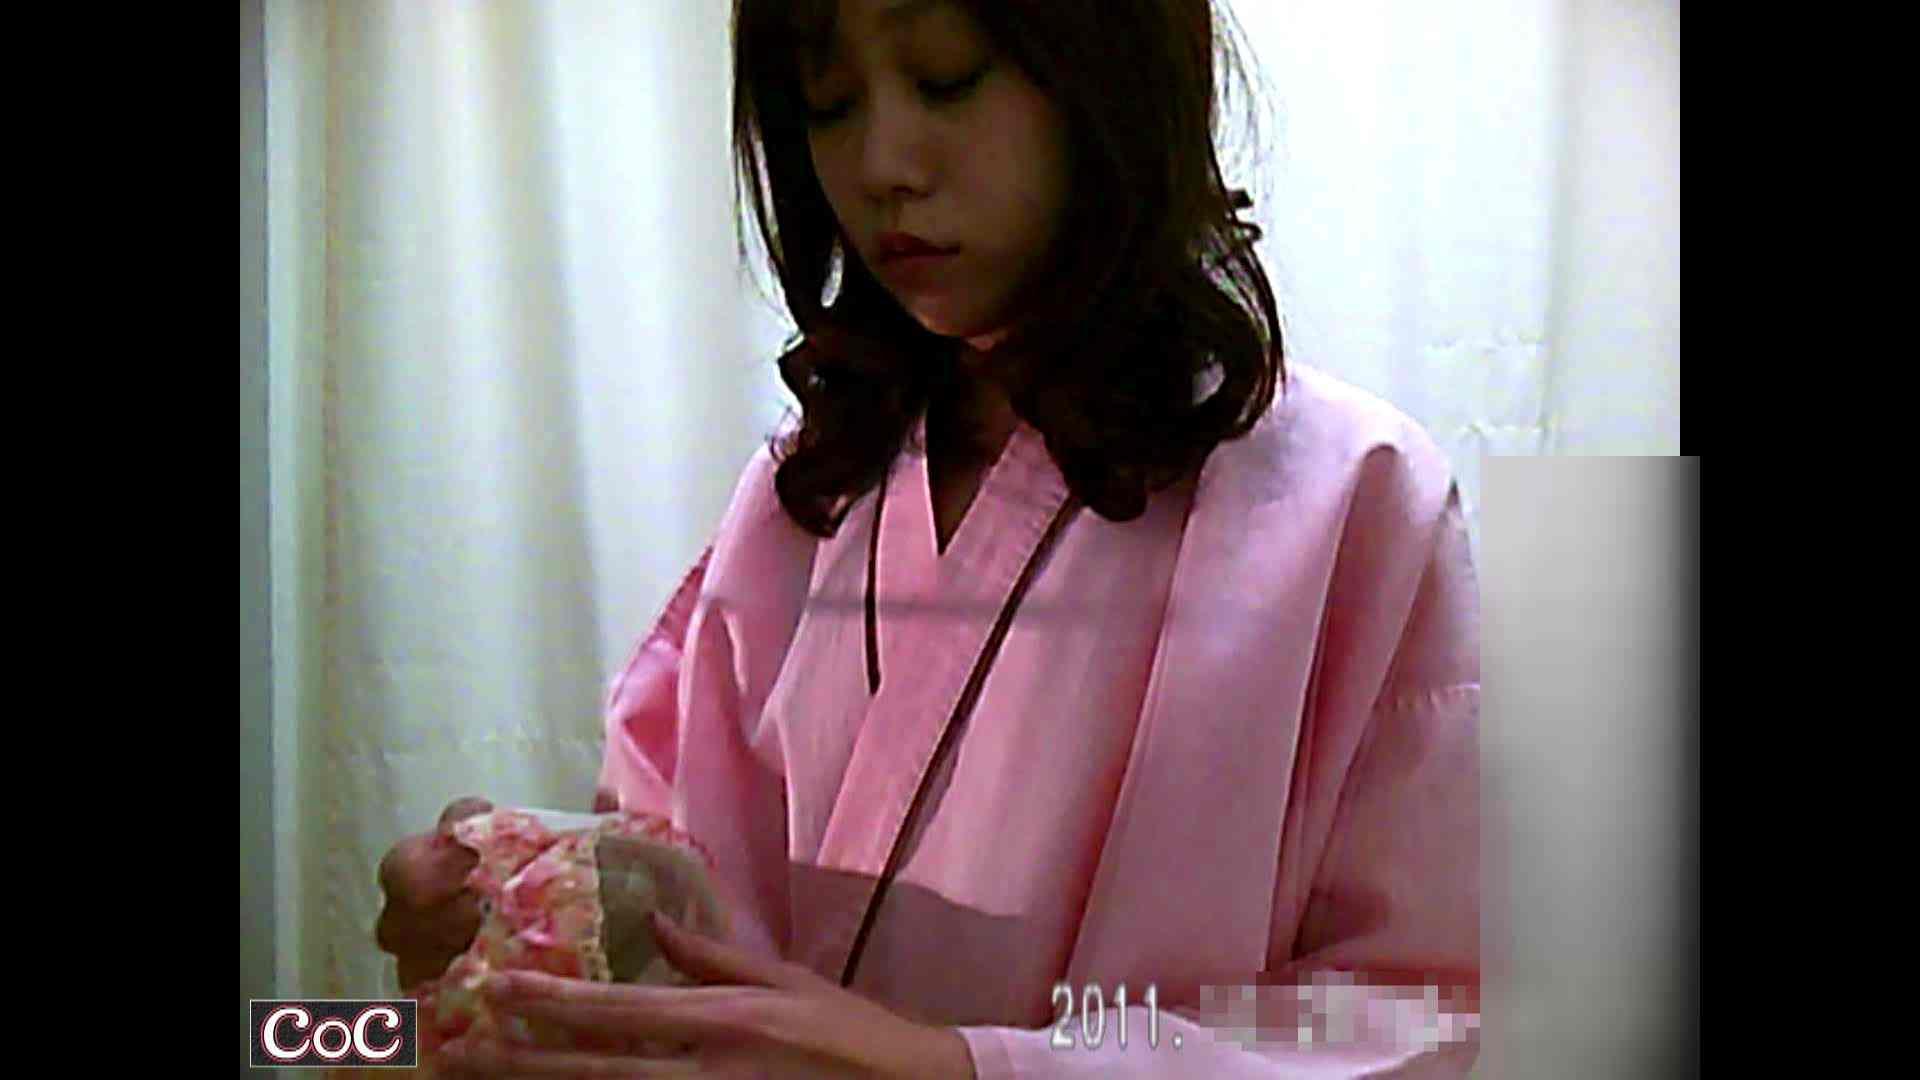 病院おもいっきり着替え! vol.75 おっぱい すけべAV動画紹介 69pic 60